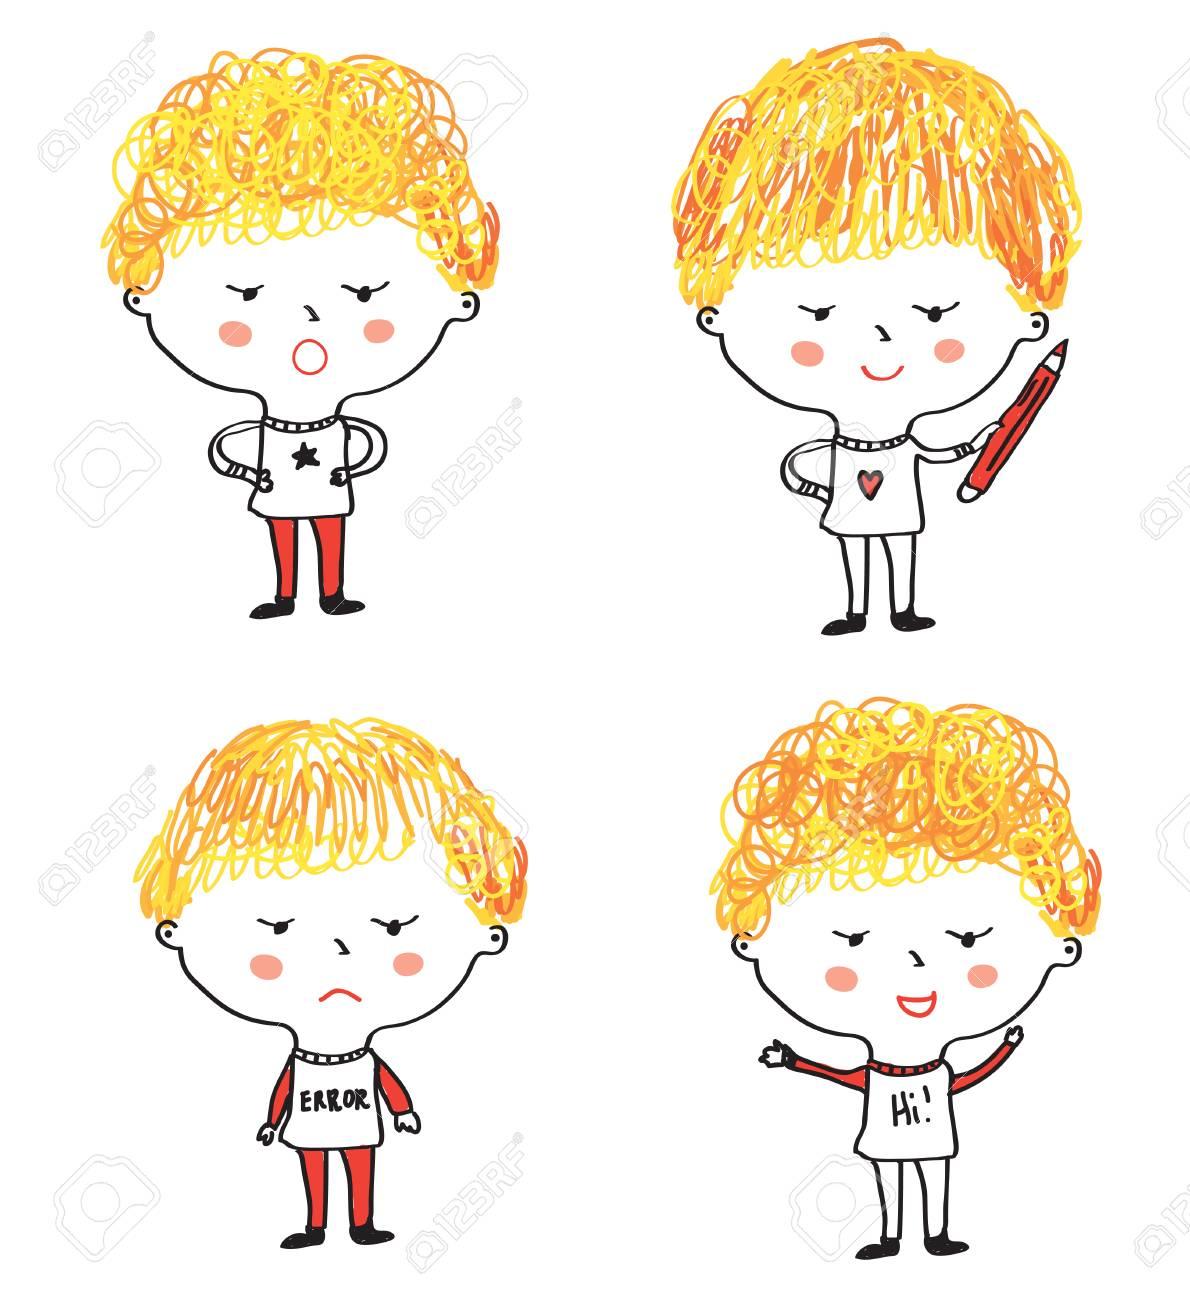 Dibujos Animados De Niños Con Expresiones De Caras Diferentes Ilustración Gráfica De Vector